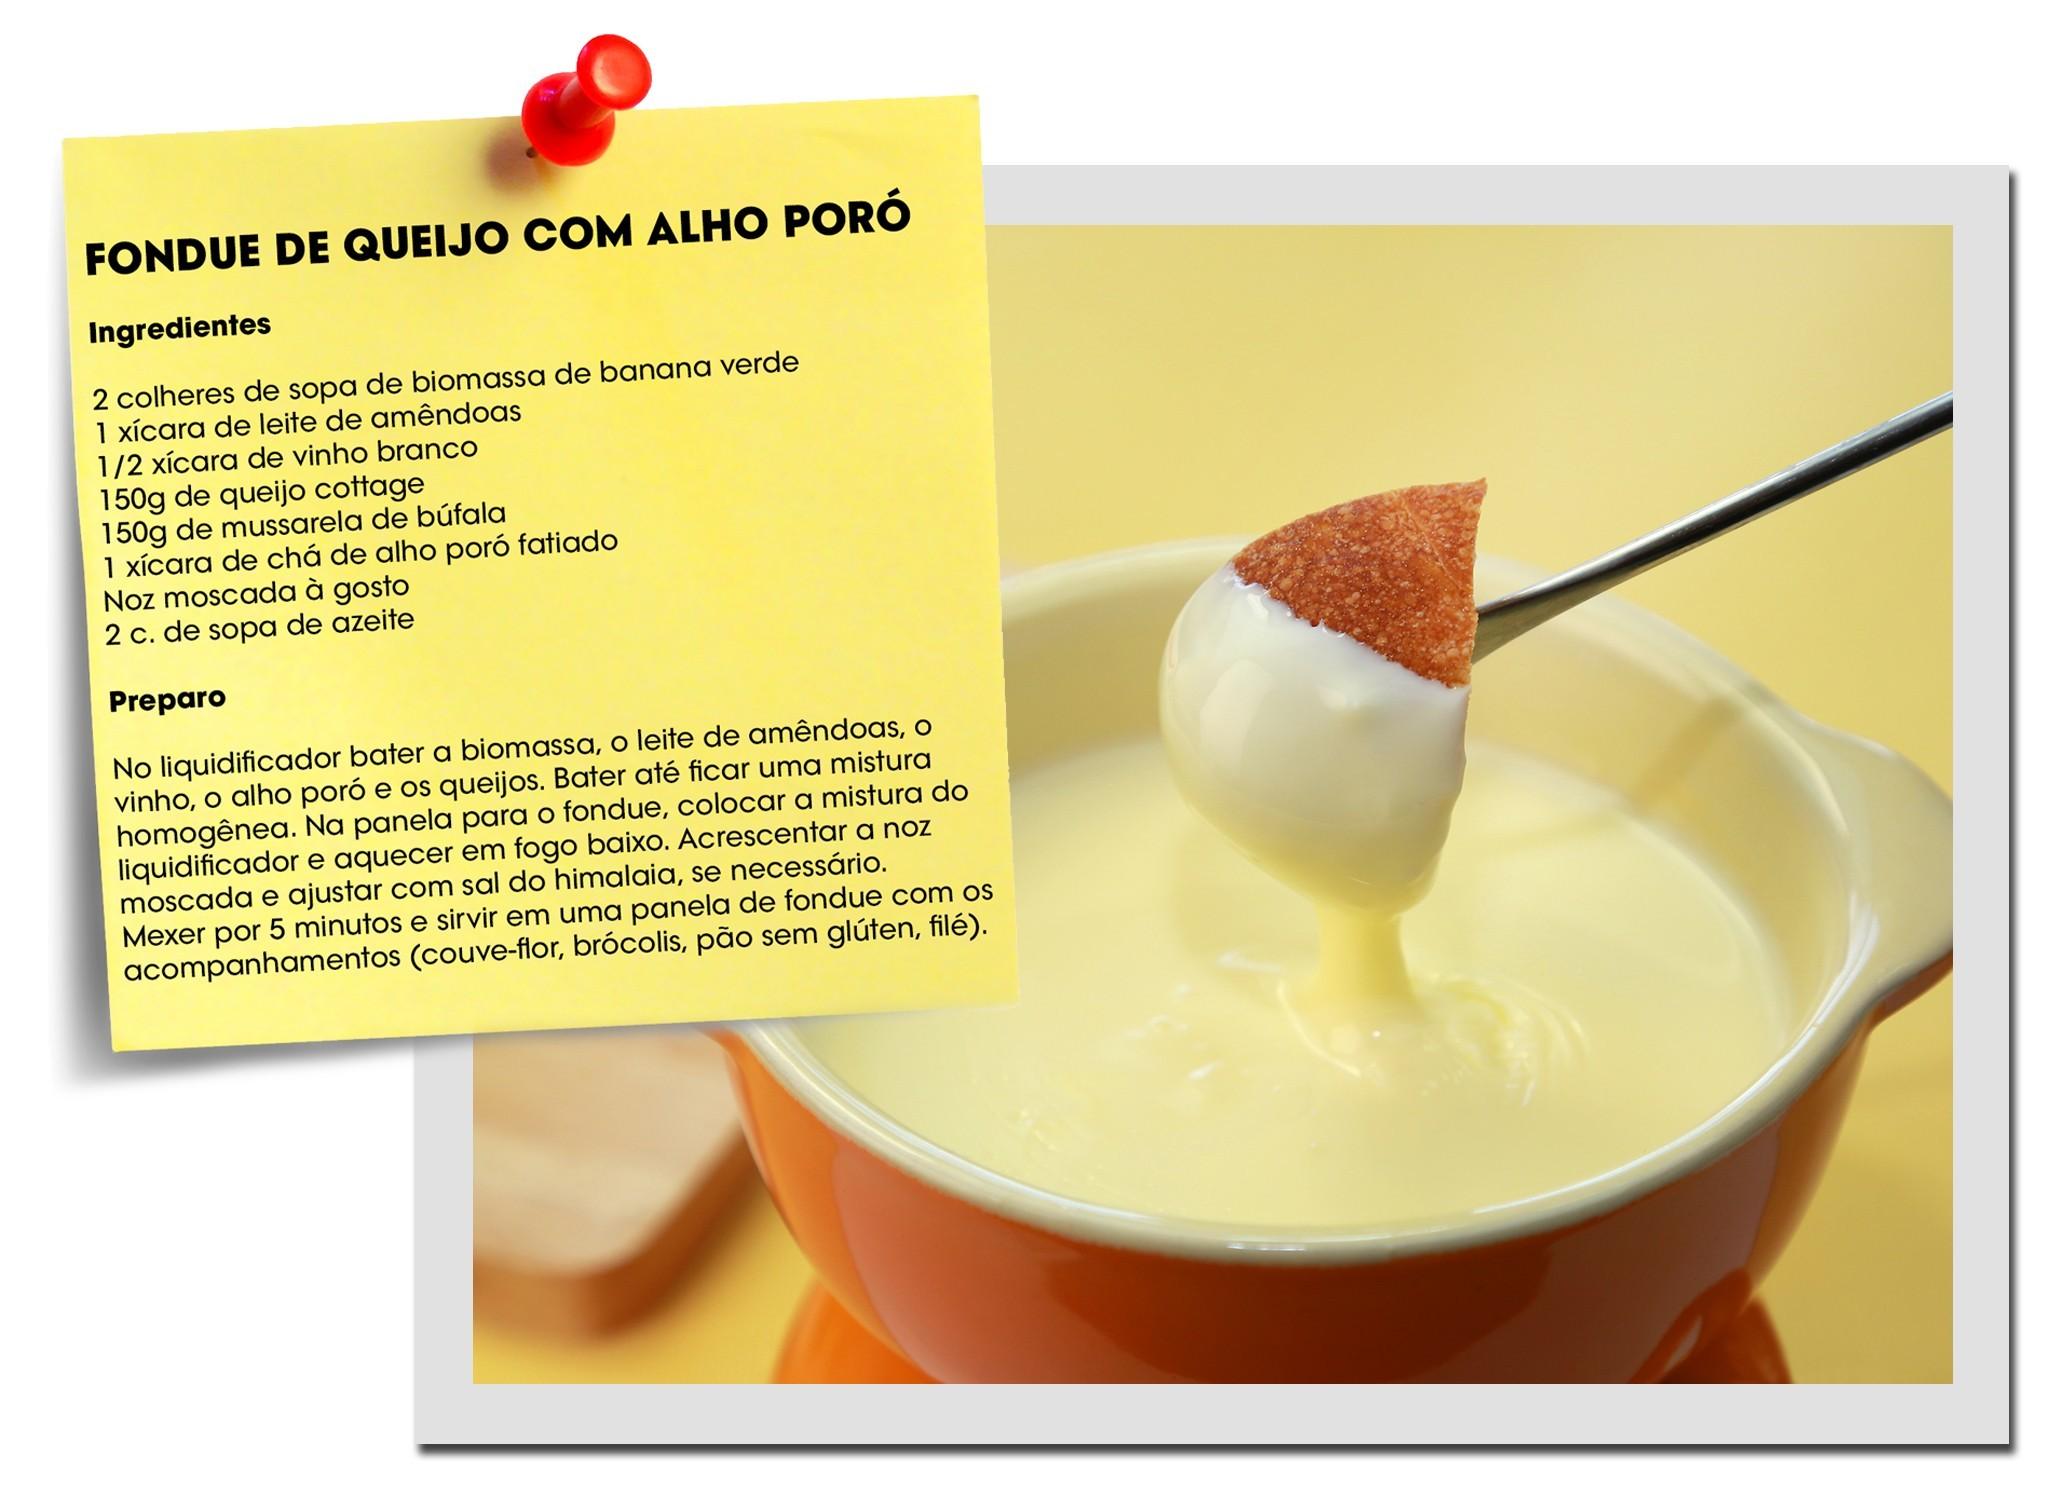 Aprenda a fazer versões saudáveis e menos calóricas de fondue